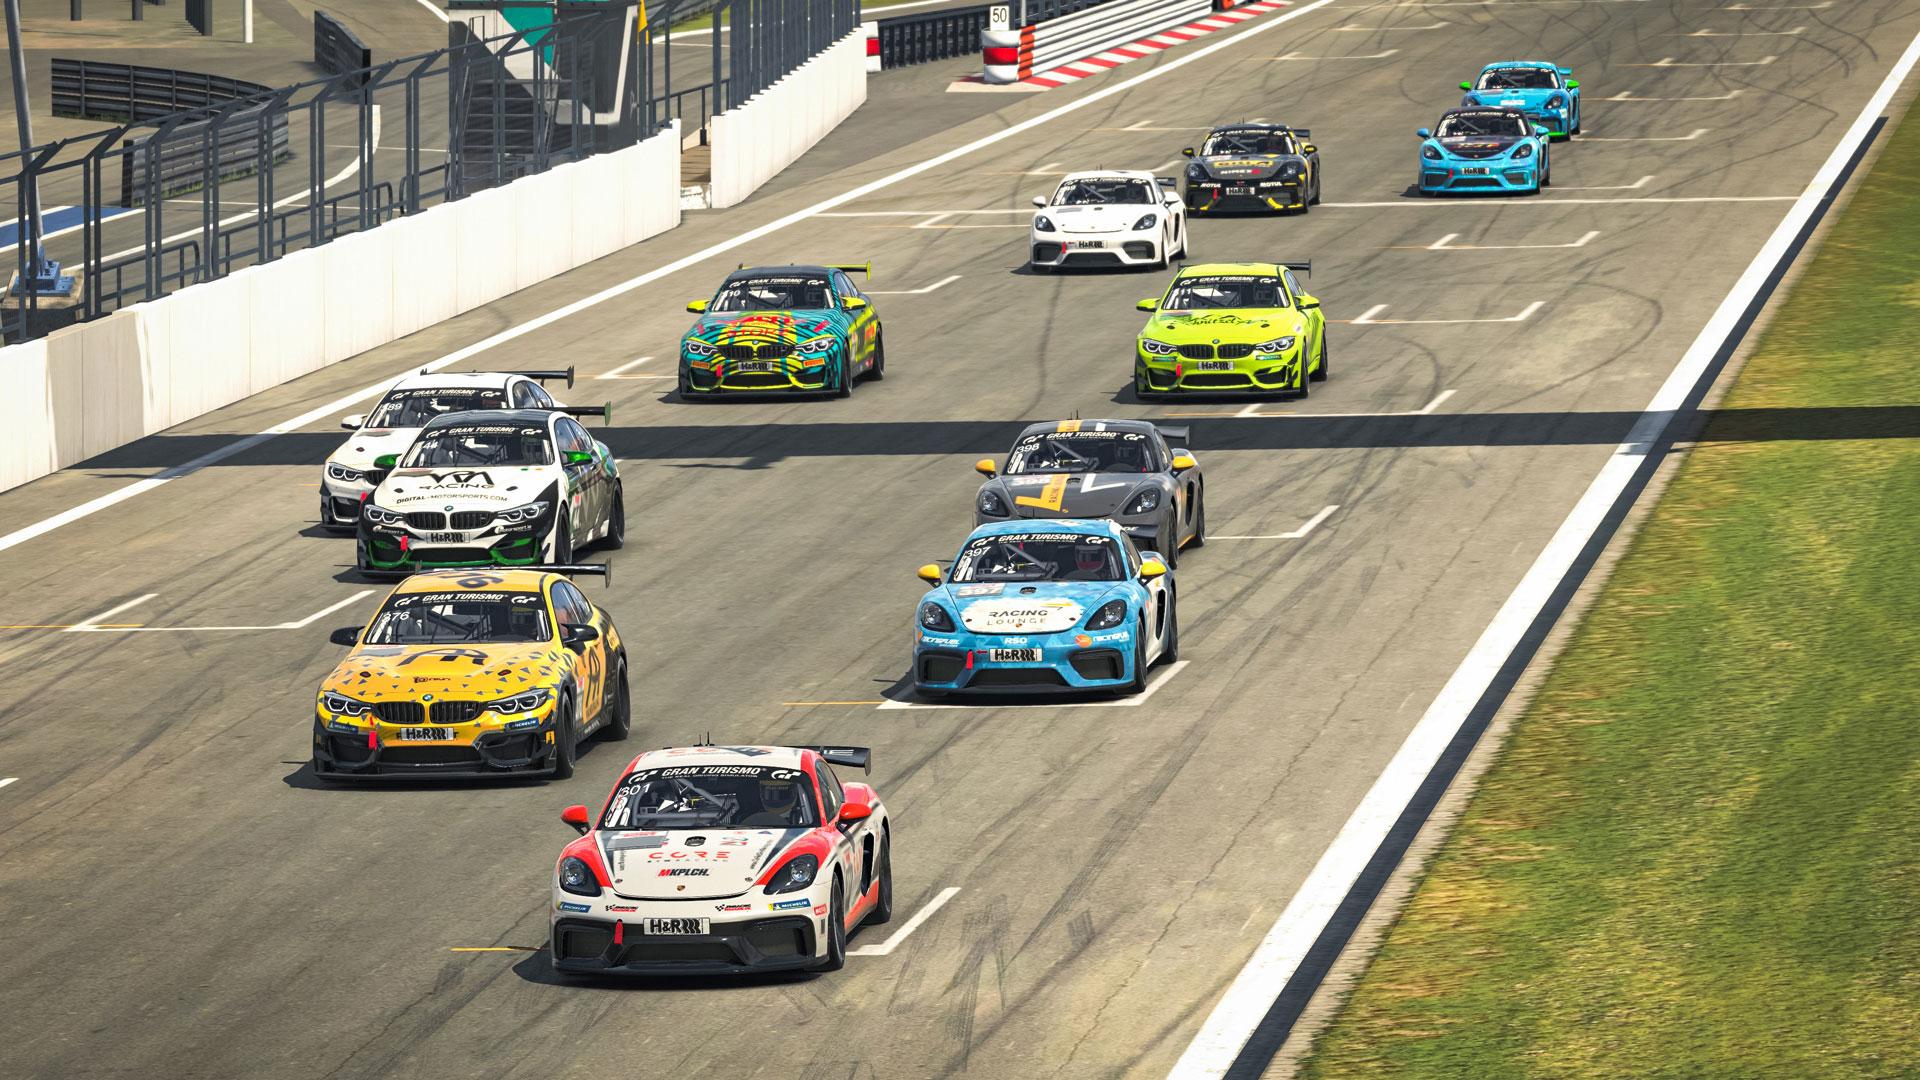 Die Rennfahrer und Simracer in der SP10 beim H&R 3h-Rennen.